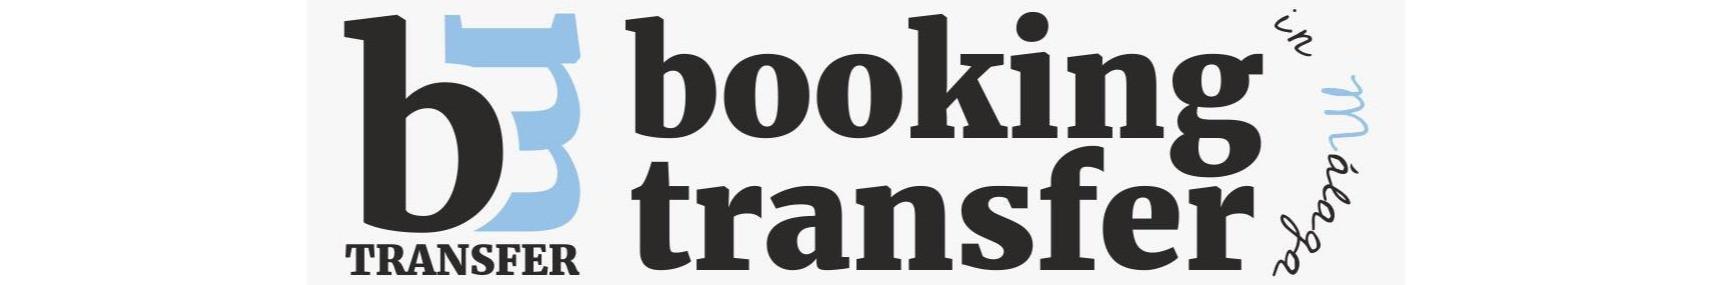 Booking Málaga Transfer - Traslados